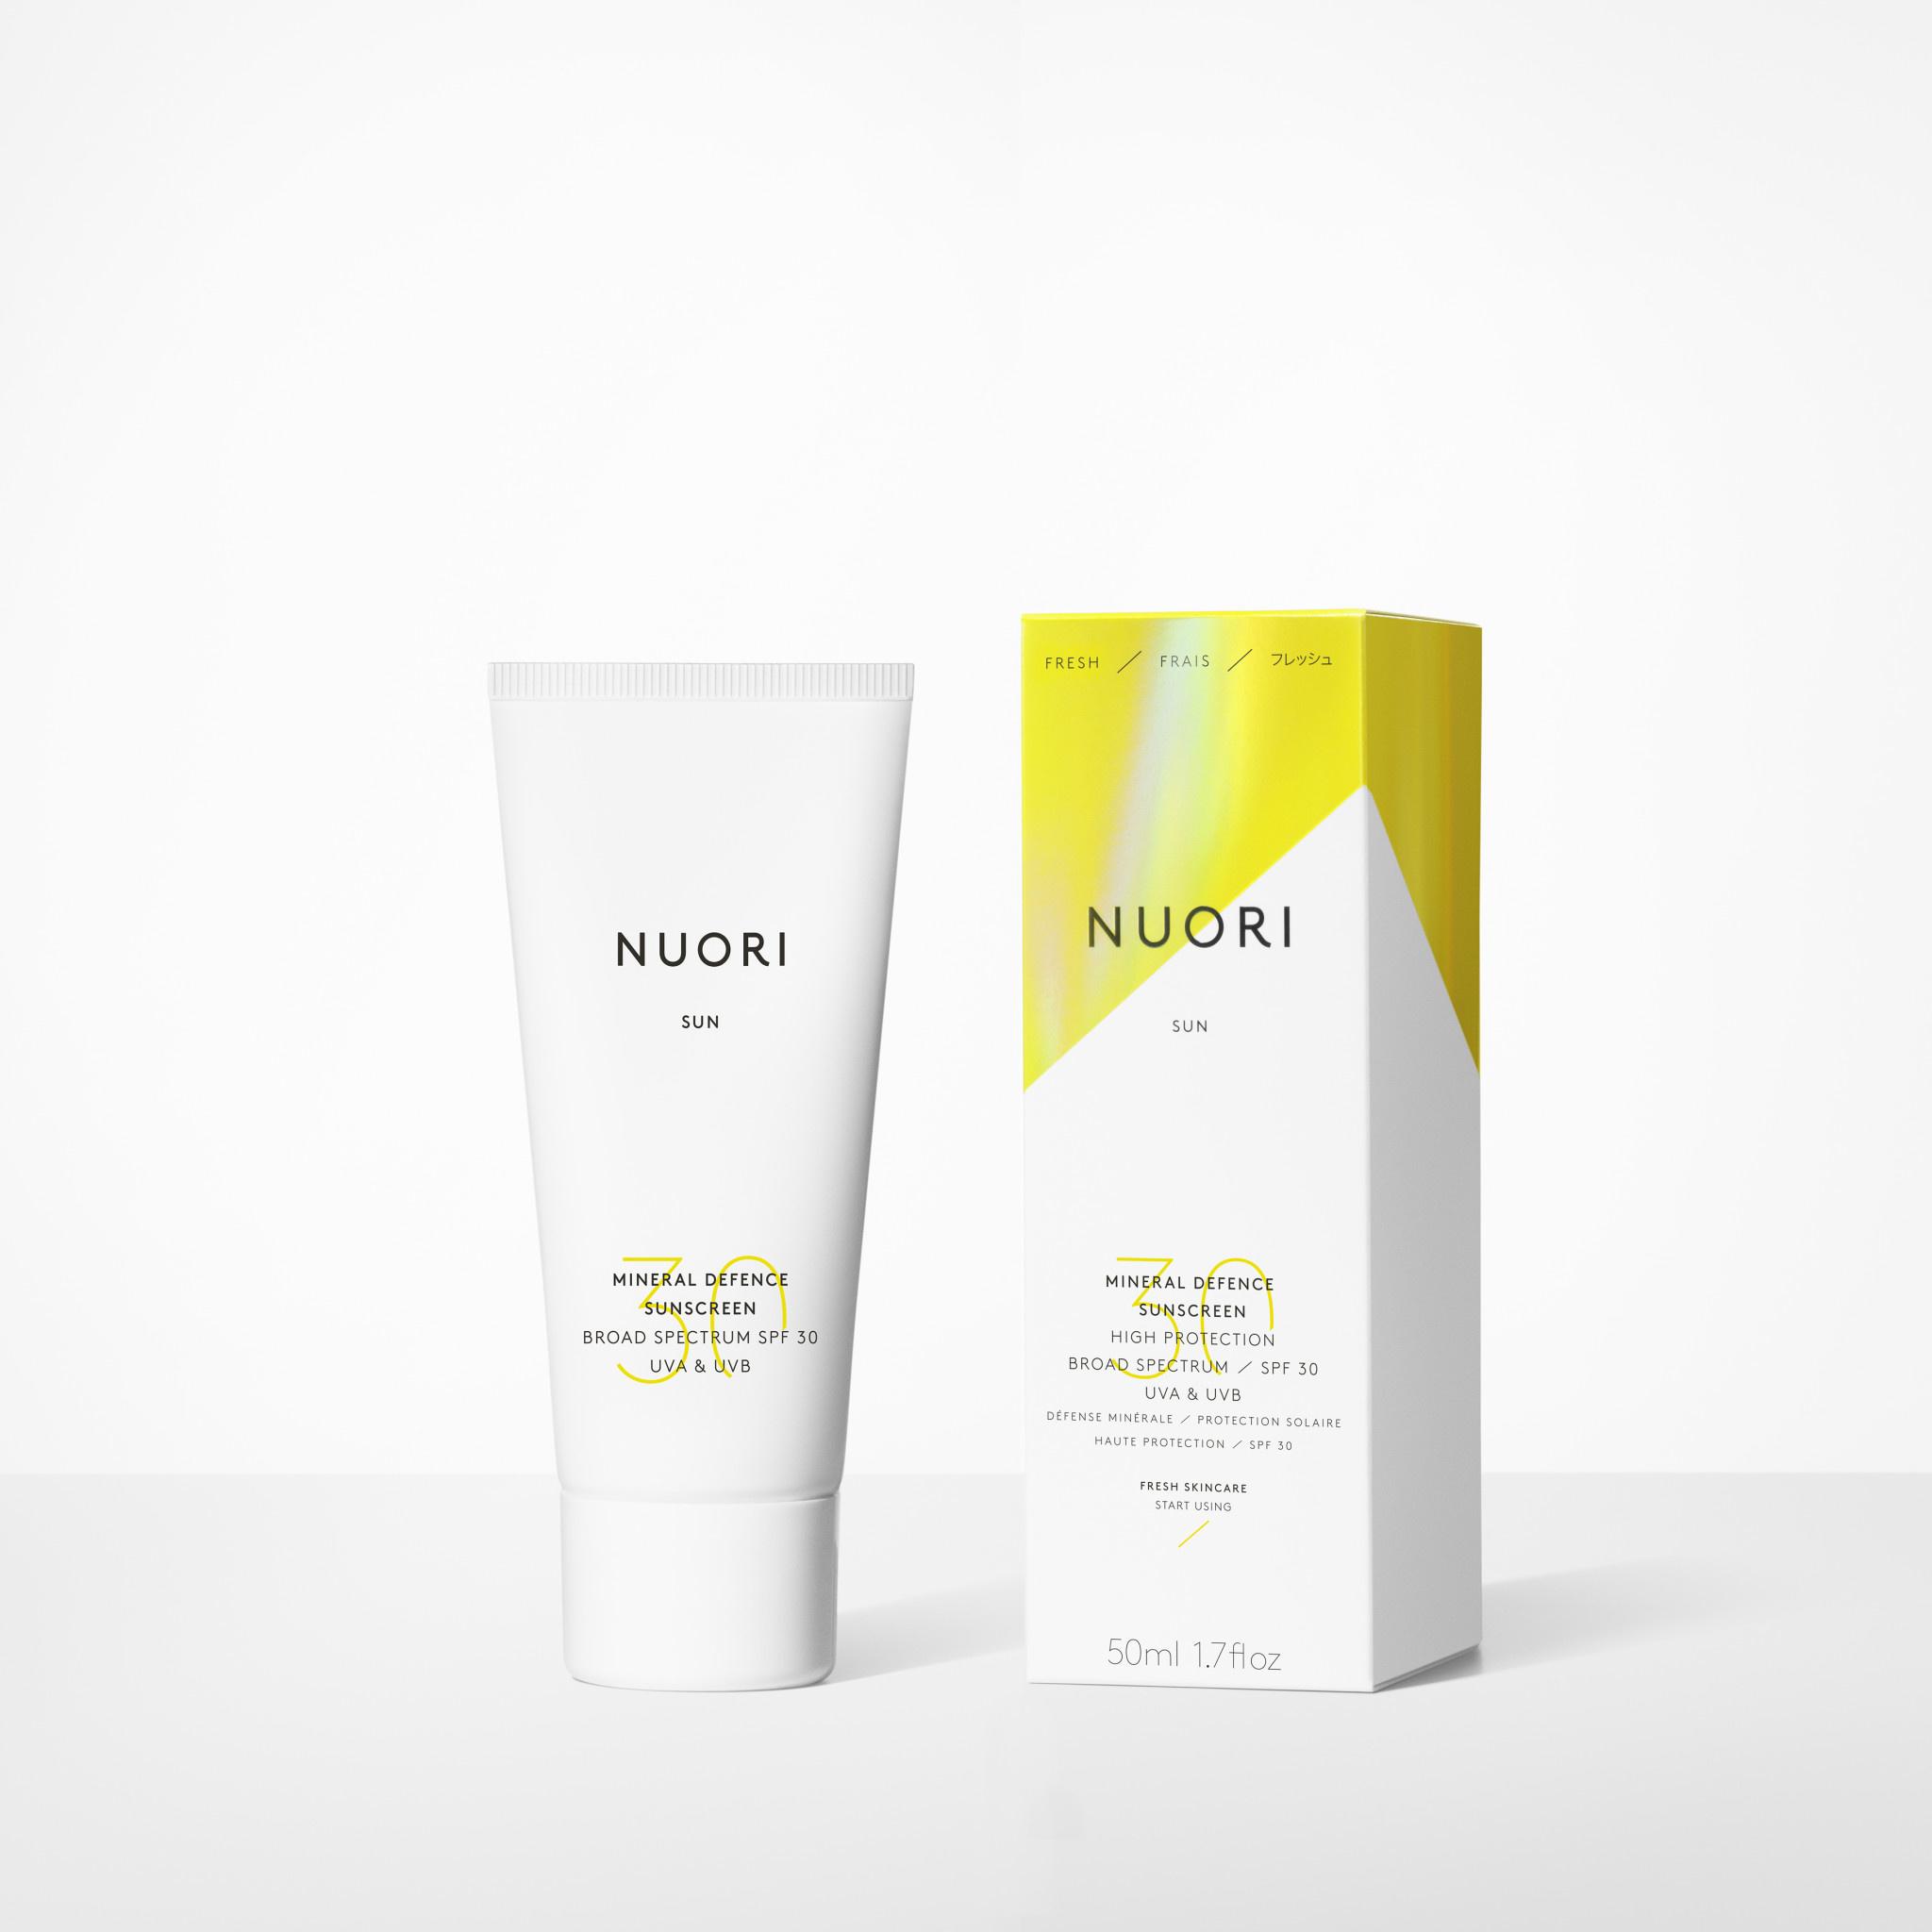 Nuori NUORI Mineral Defense Sunscreen SPF 30